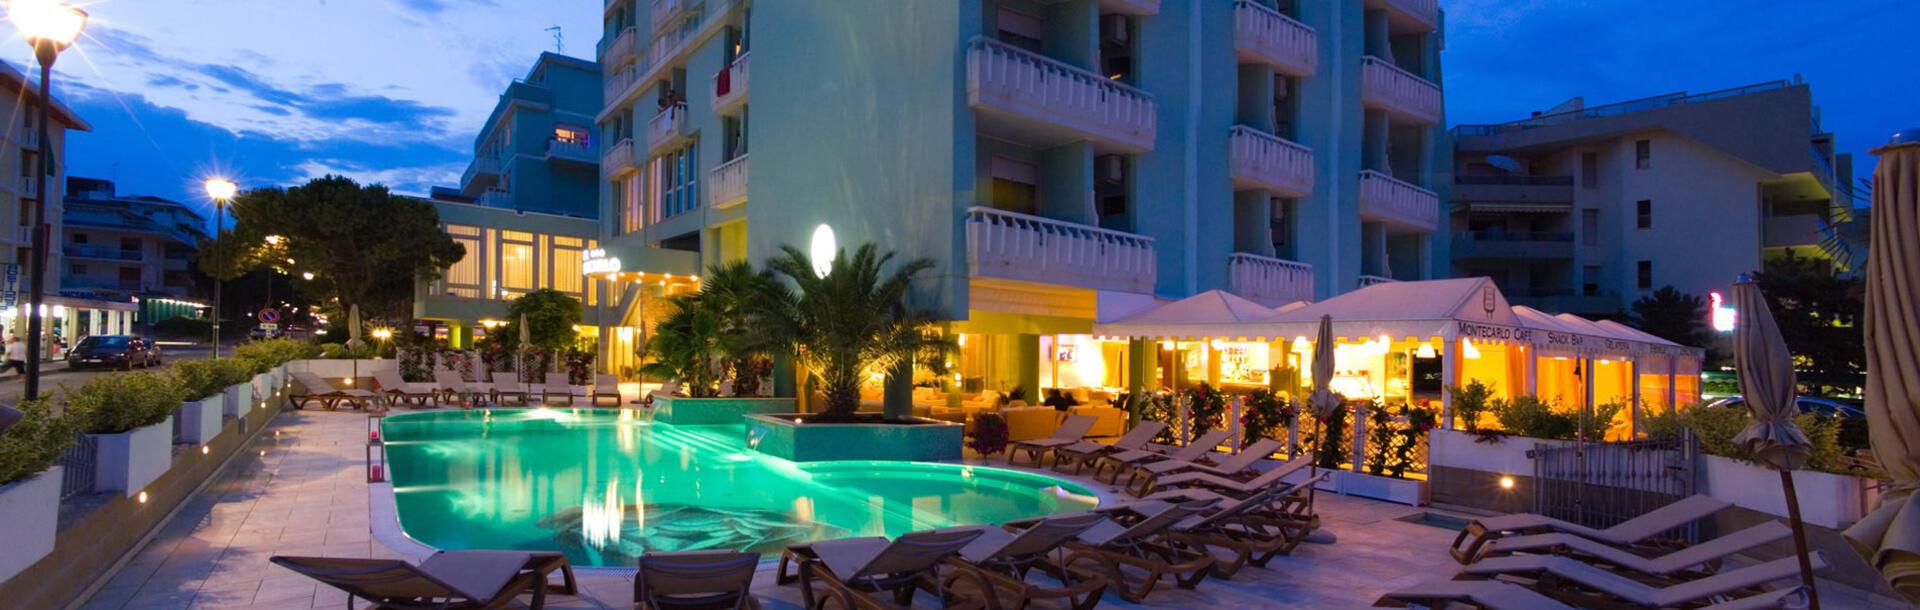 hotel-montecarlo pl fotogaleria 014